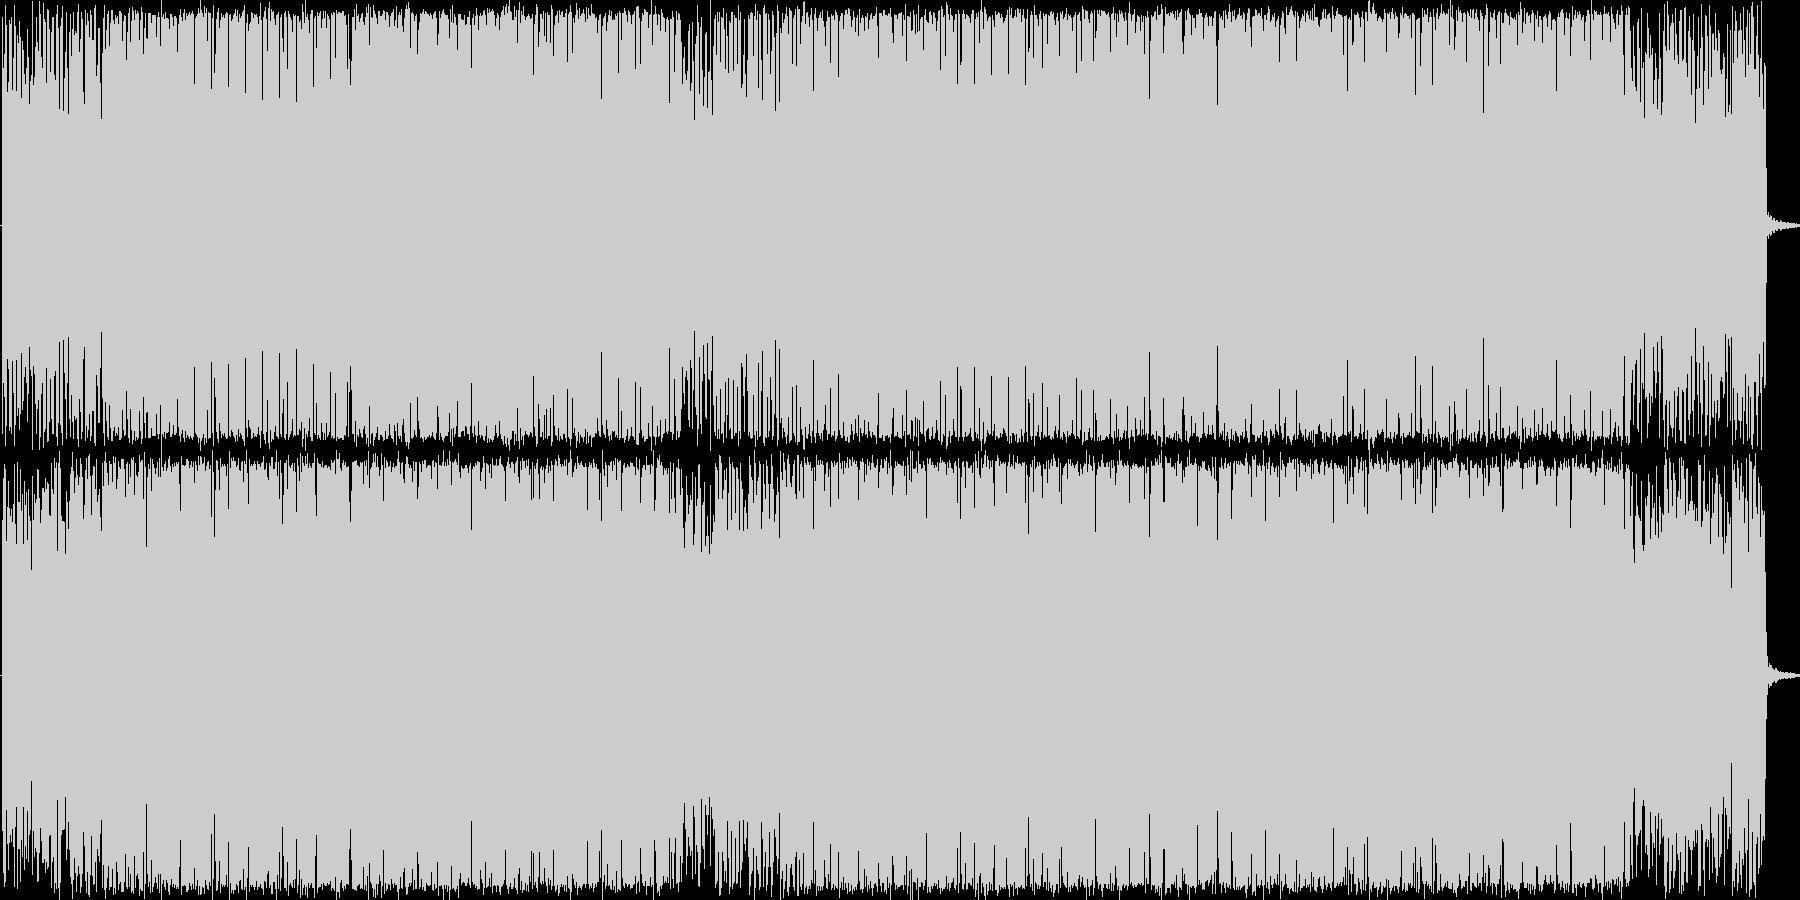 不思議なコード感が漂うジャージーな曲ですの未再生の波形